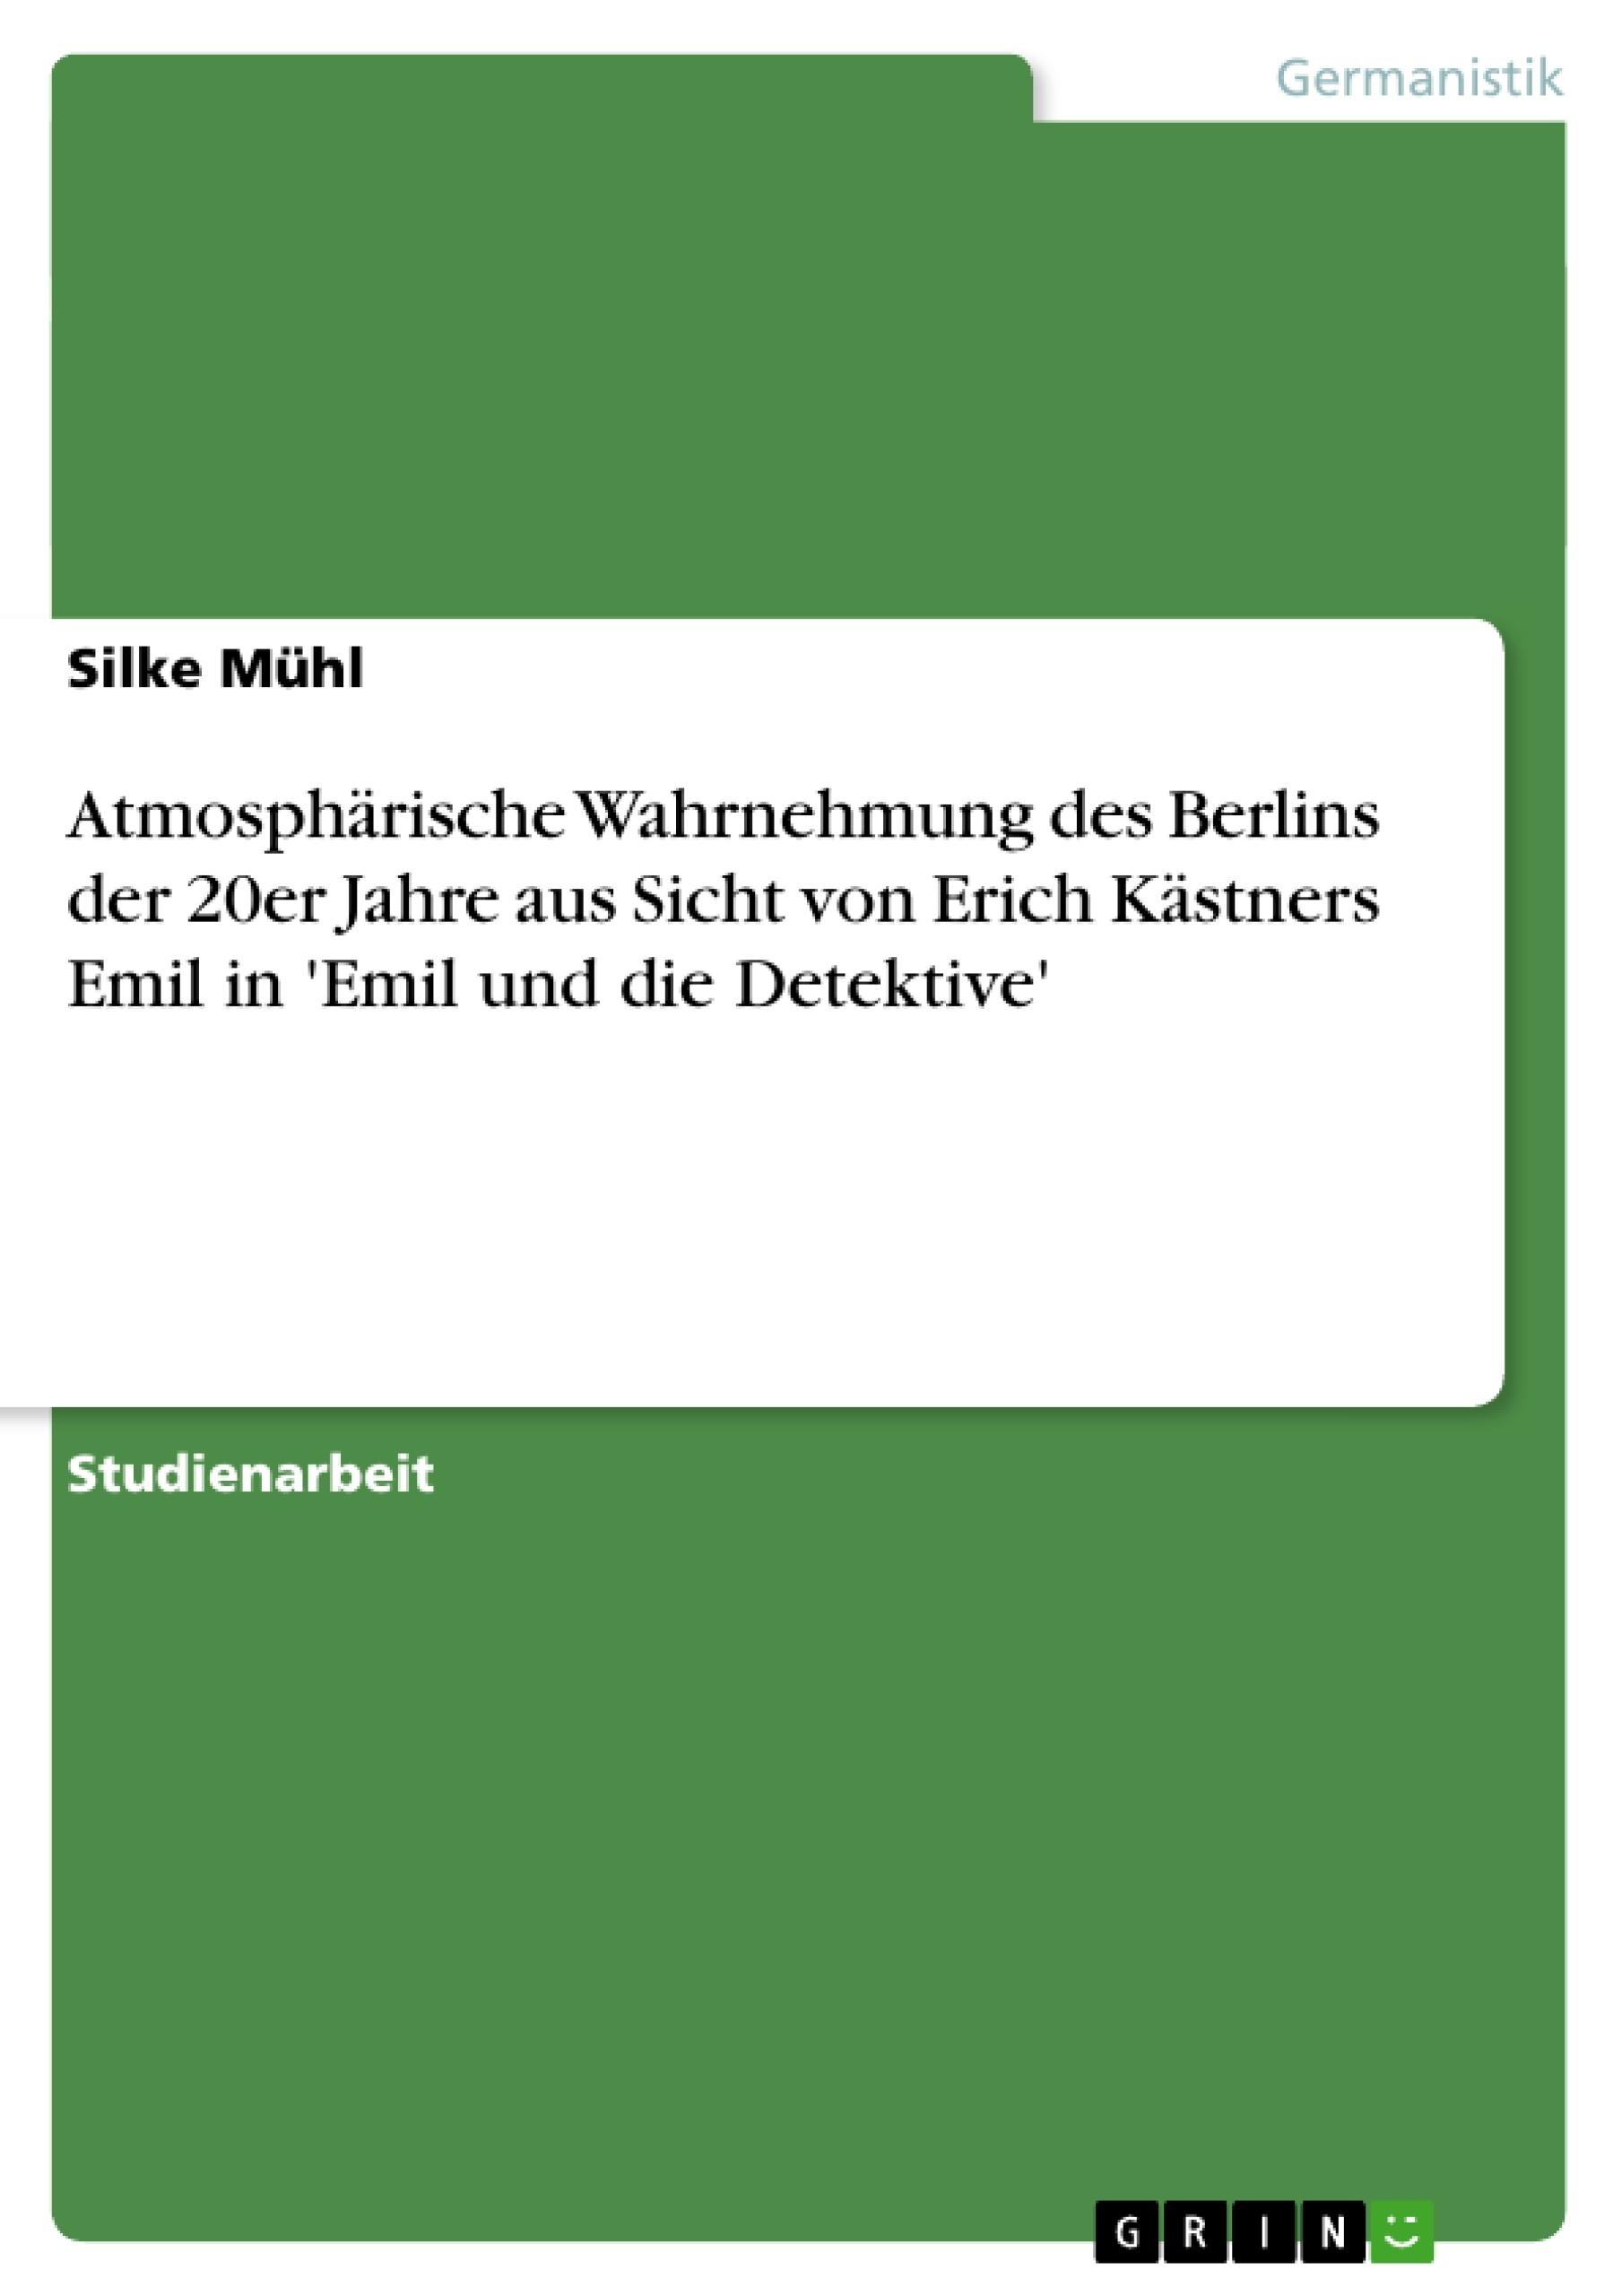 Titel: Atmosphärische Wahrnehmung des Berlins der 20er Jahre aus Sicht von Erich Kästners Emil in 'Emil und die Detektive'